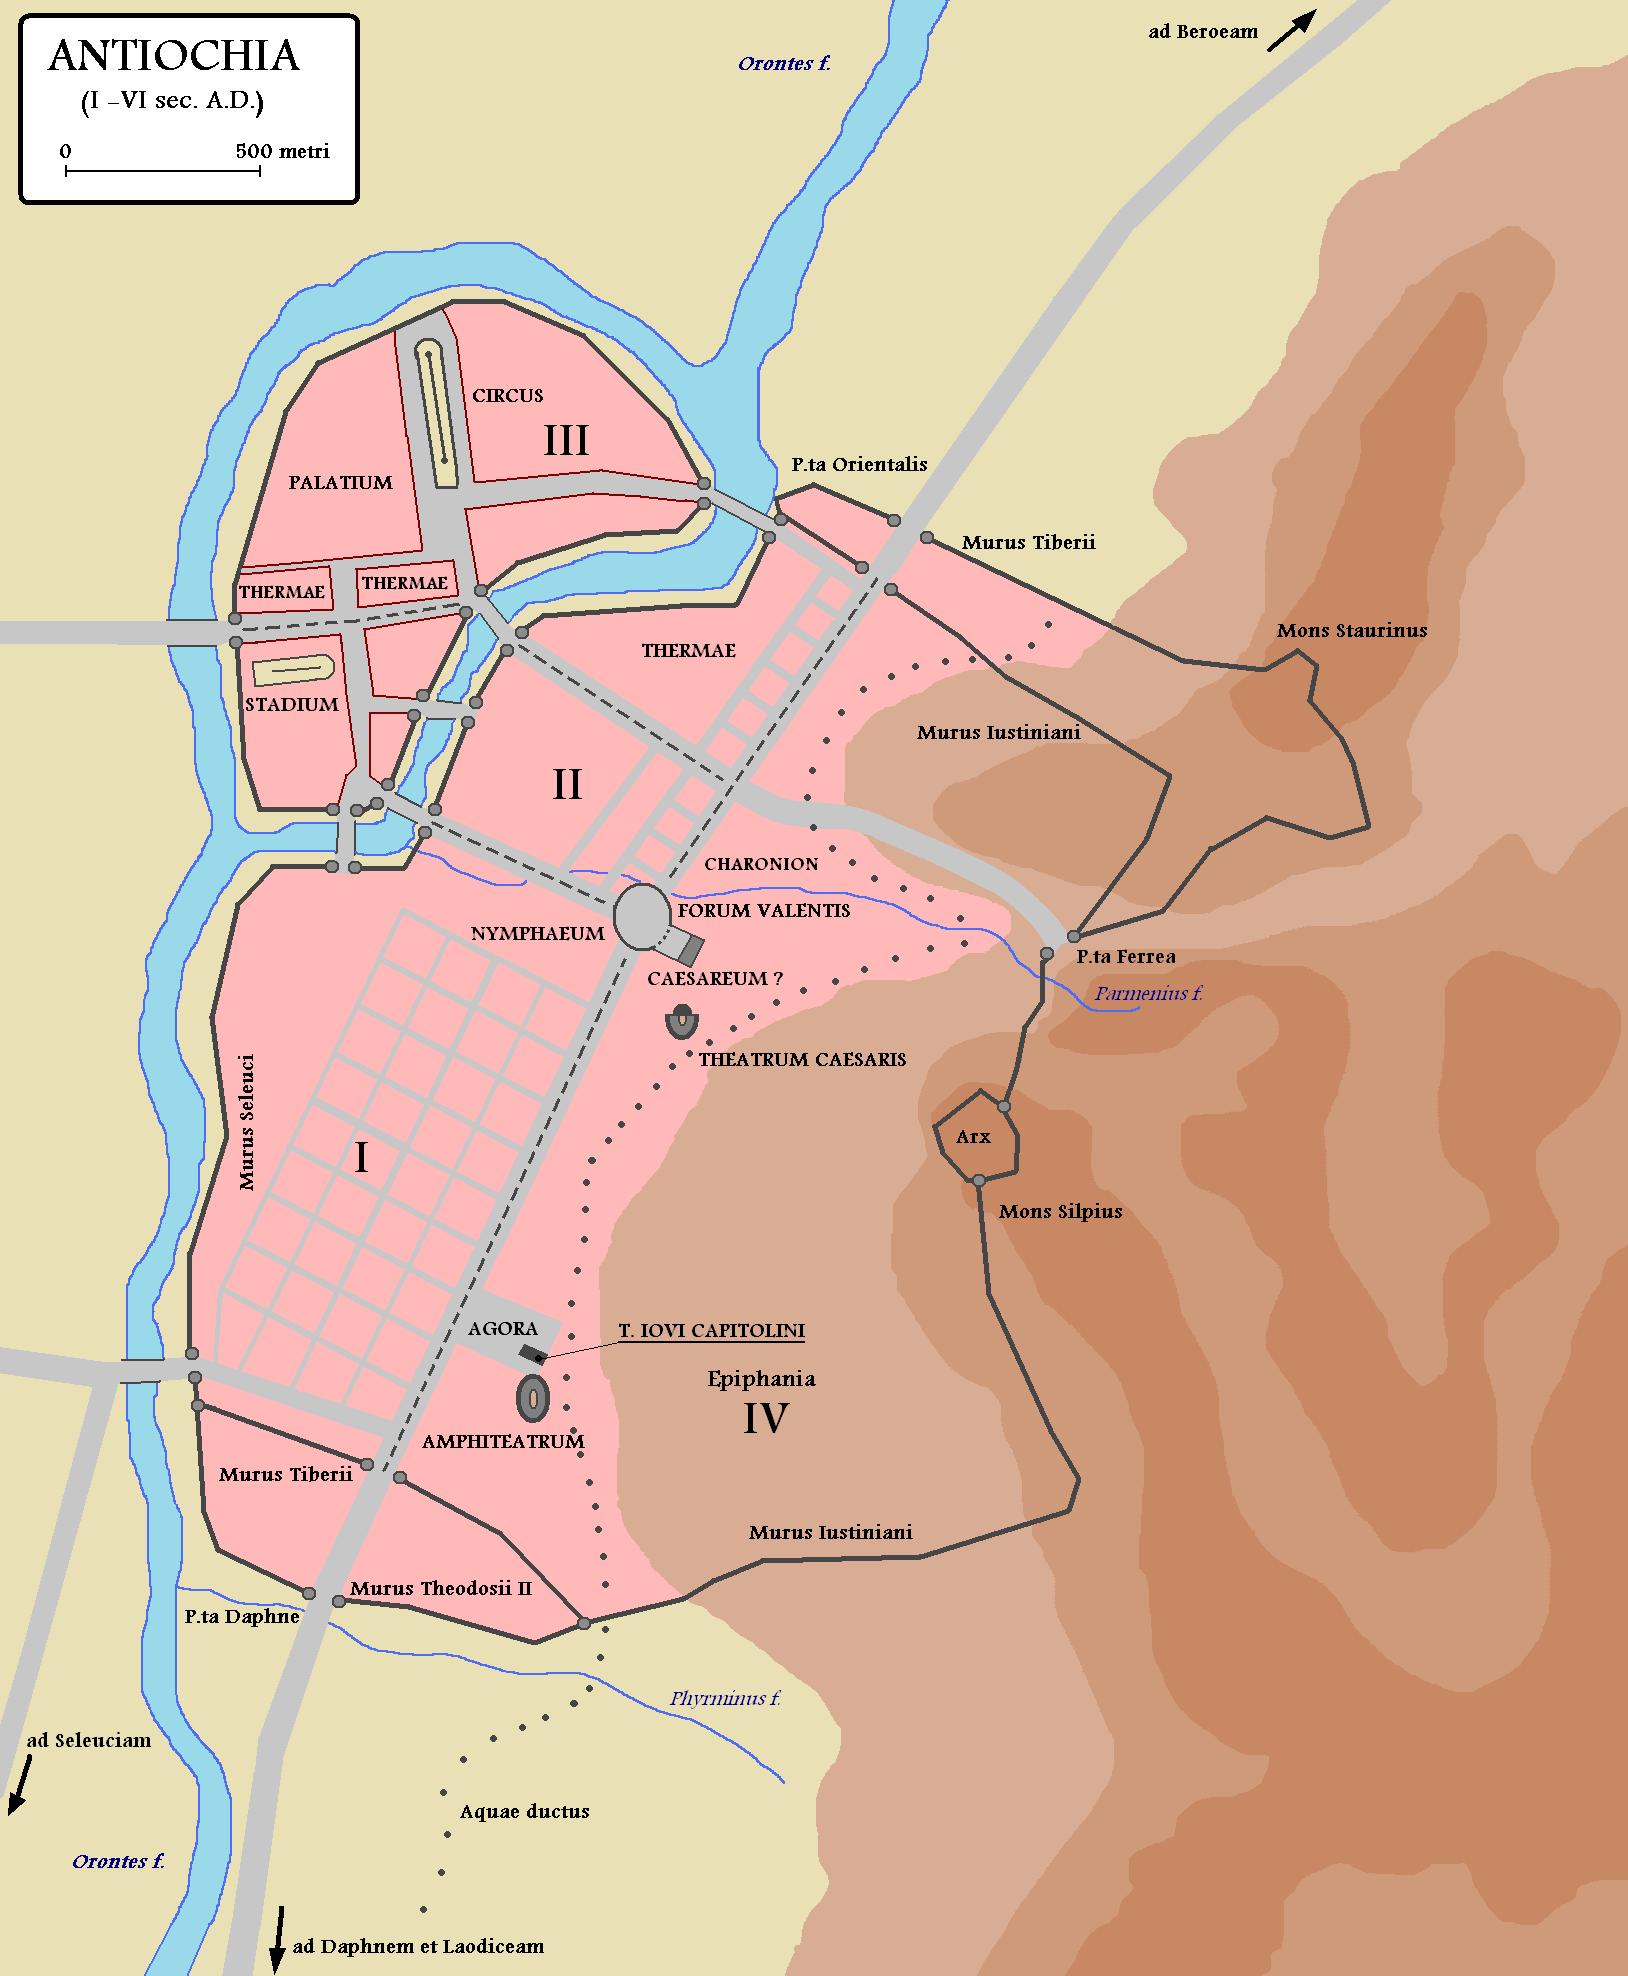 Antiochie je svého času skutečnou perlou Říše římské.